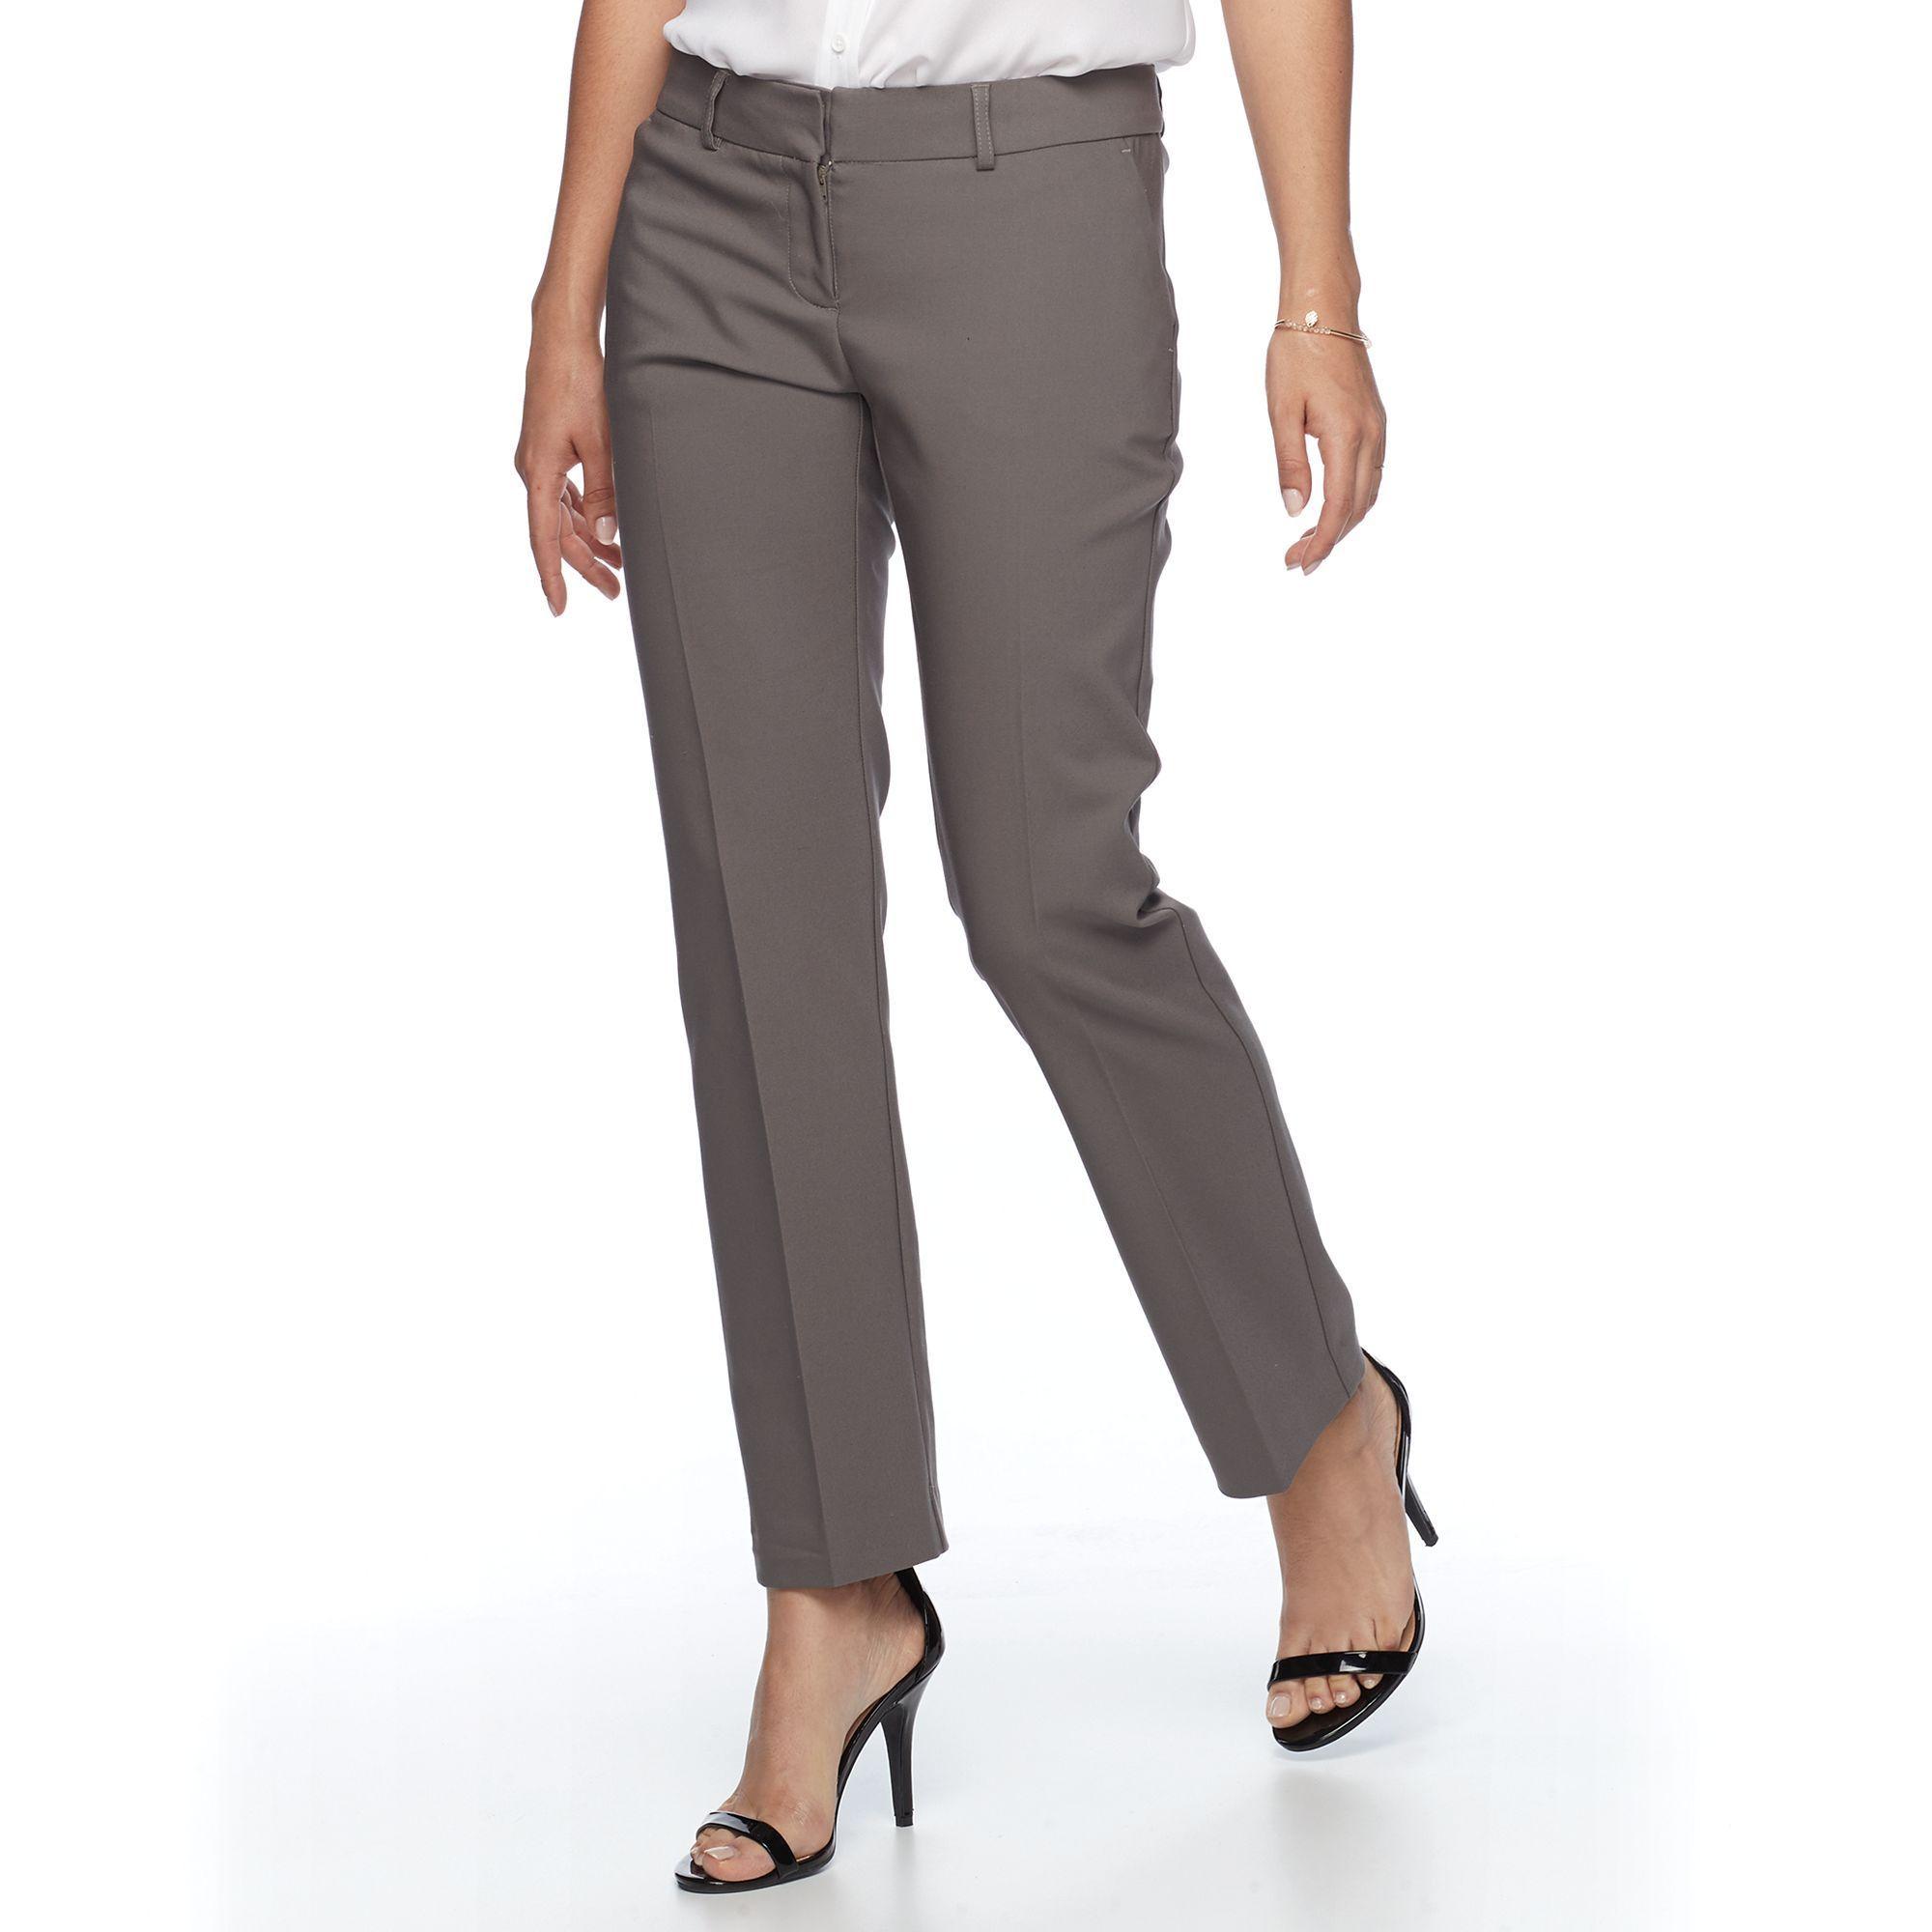 f56b14ead0b Petite Apt. 9® Torie Modern Fit Straight-Leg Dress Pants